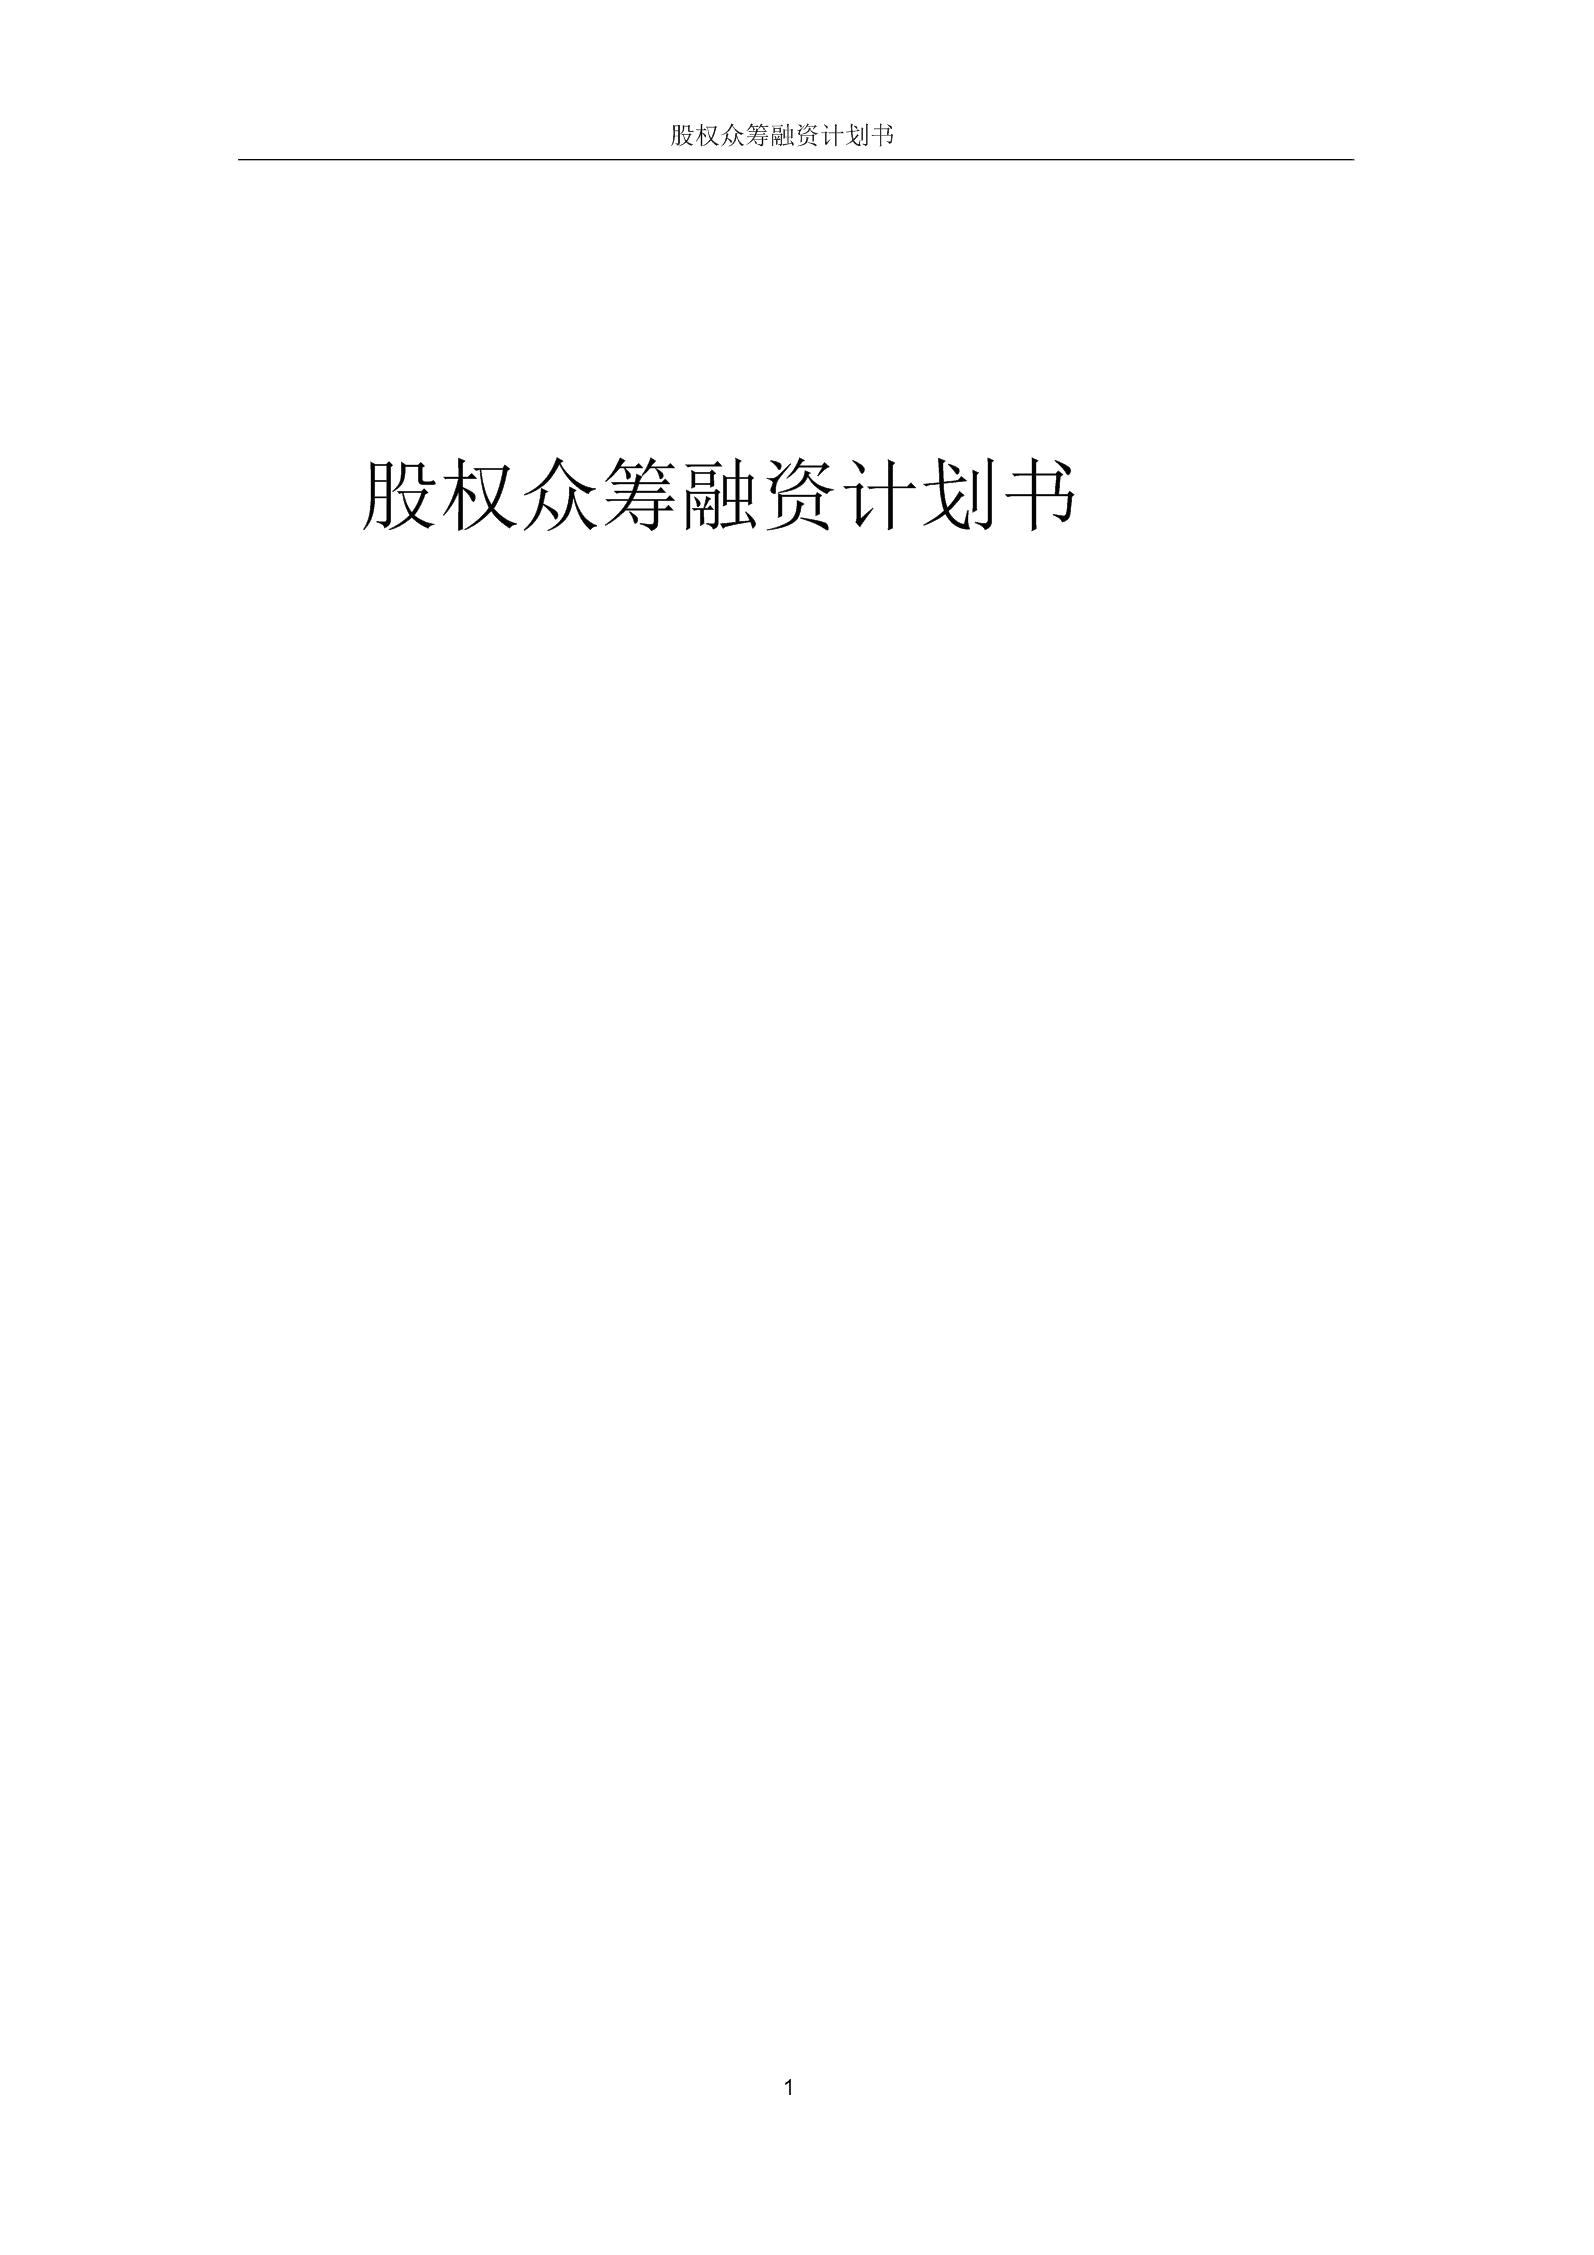 股权众筹融资计划书-.docx